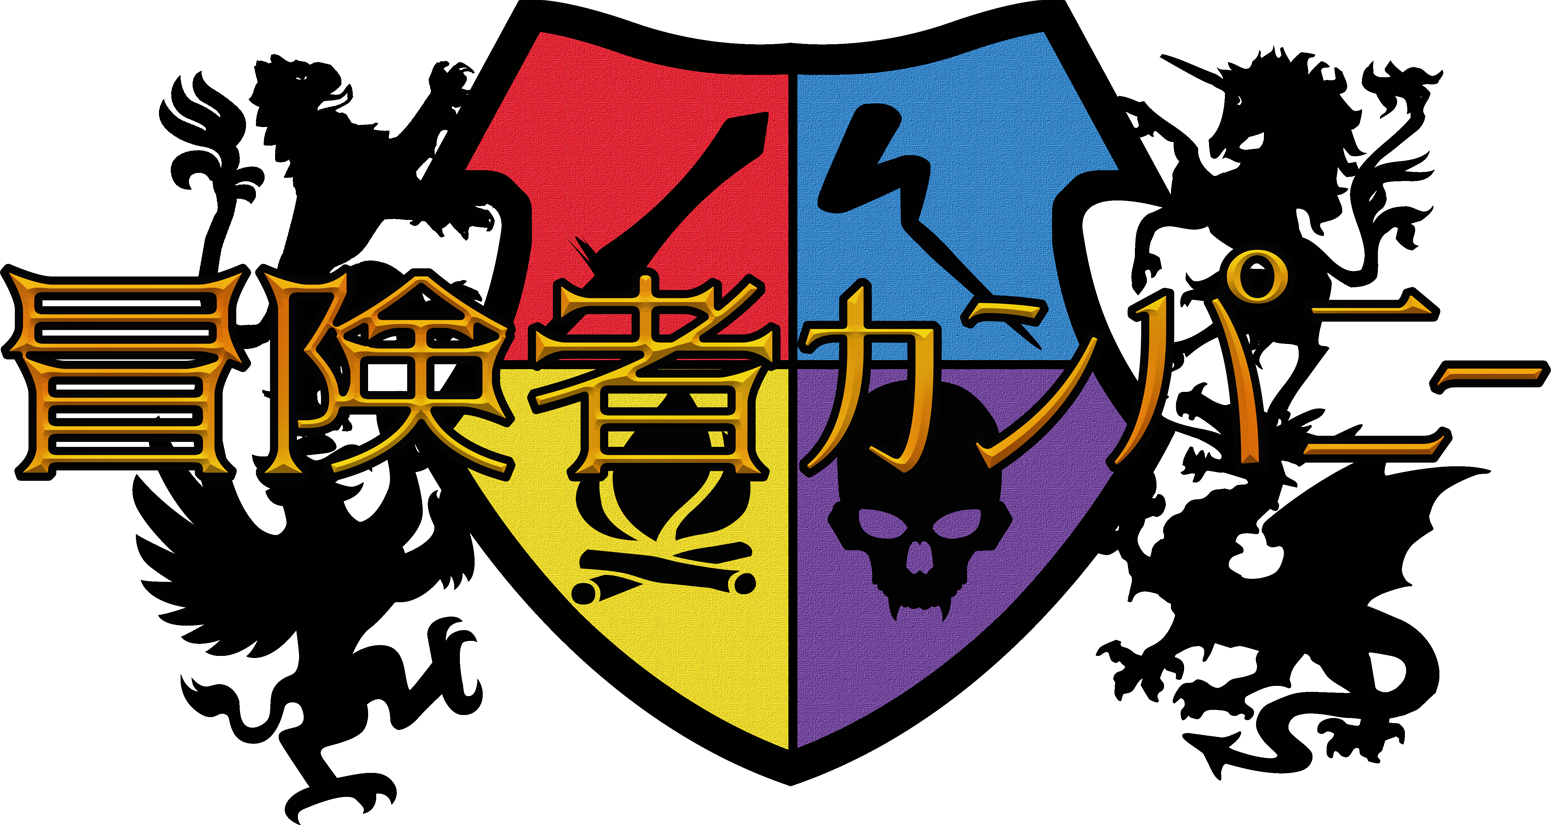 冒険者カンパニーロゴ